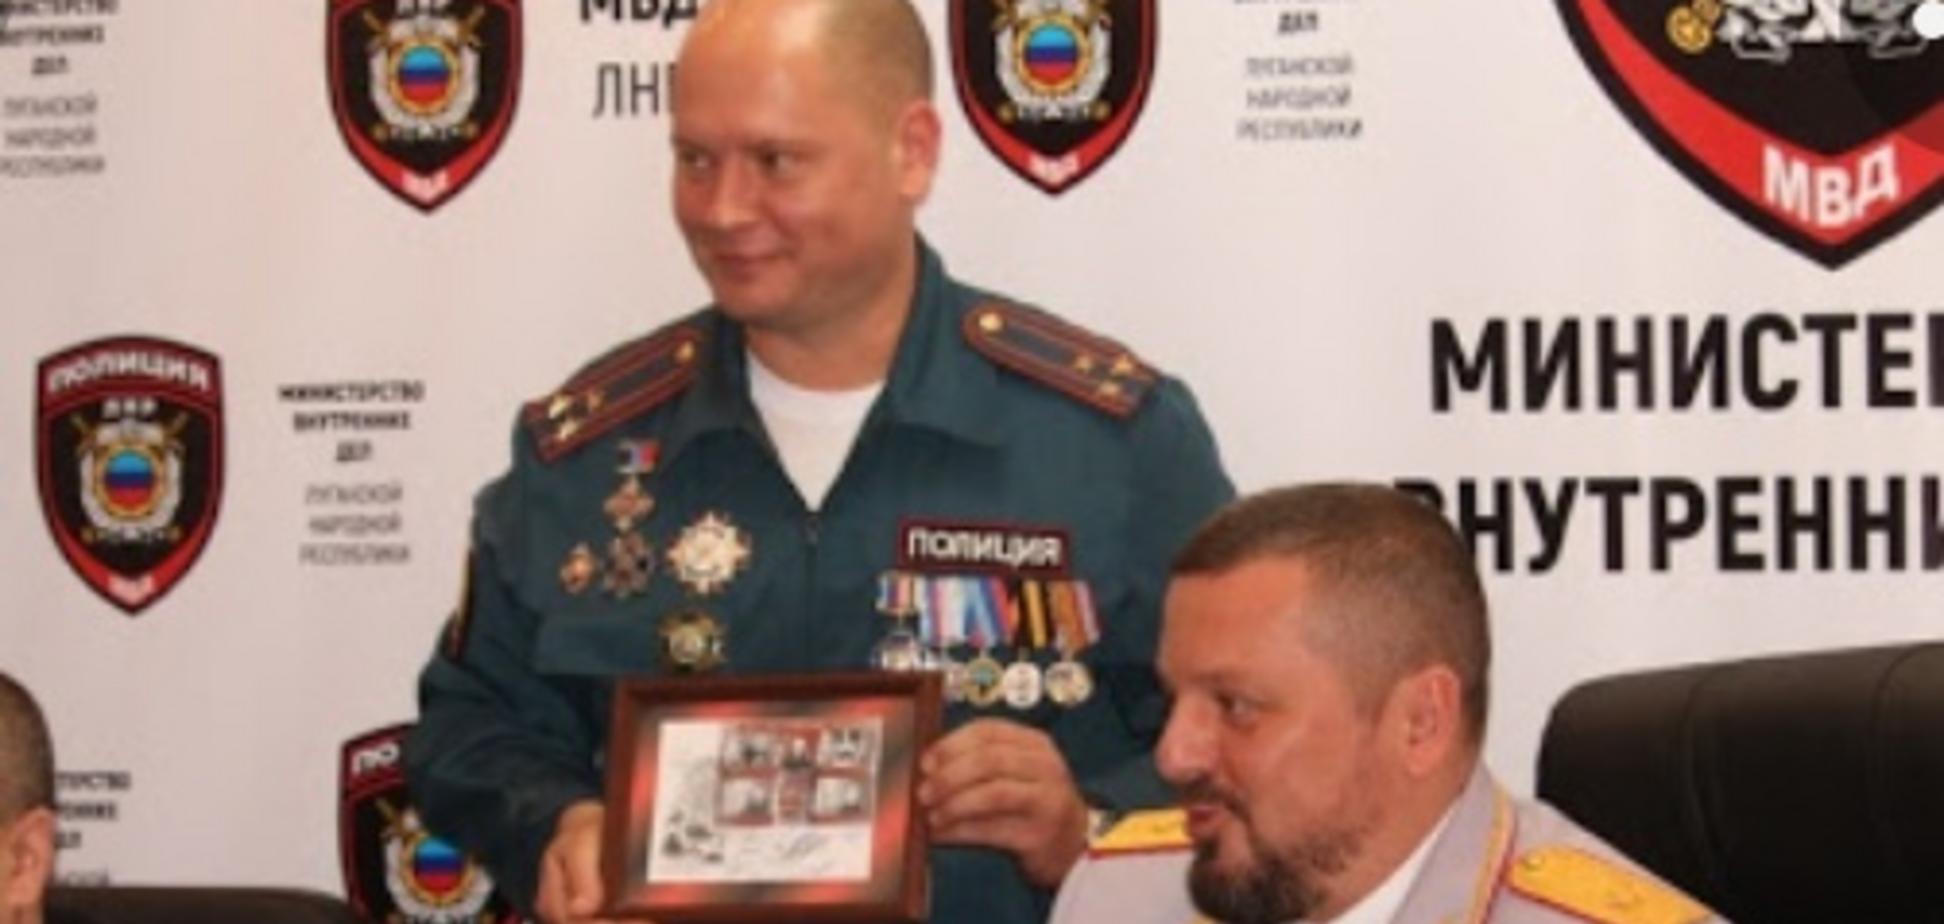 Кто печатает фальшивые деньги в Луганске. О 'народной' фирме 'ЛНР'